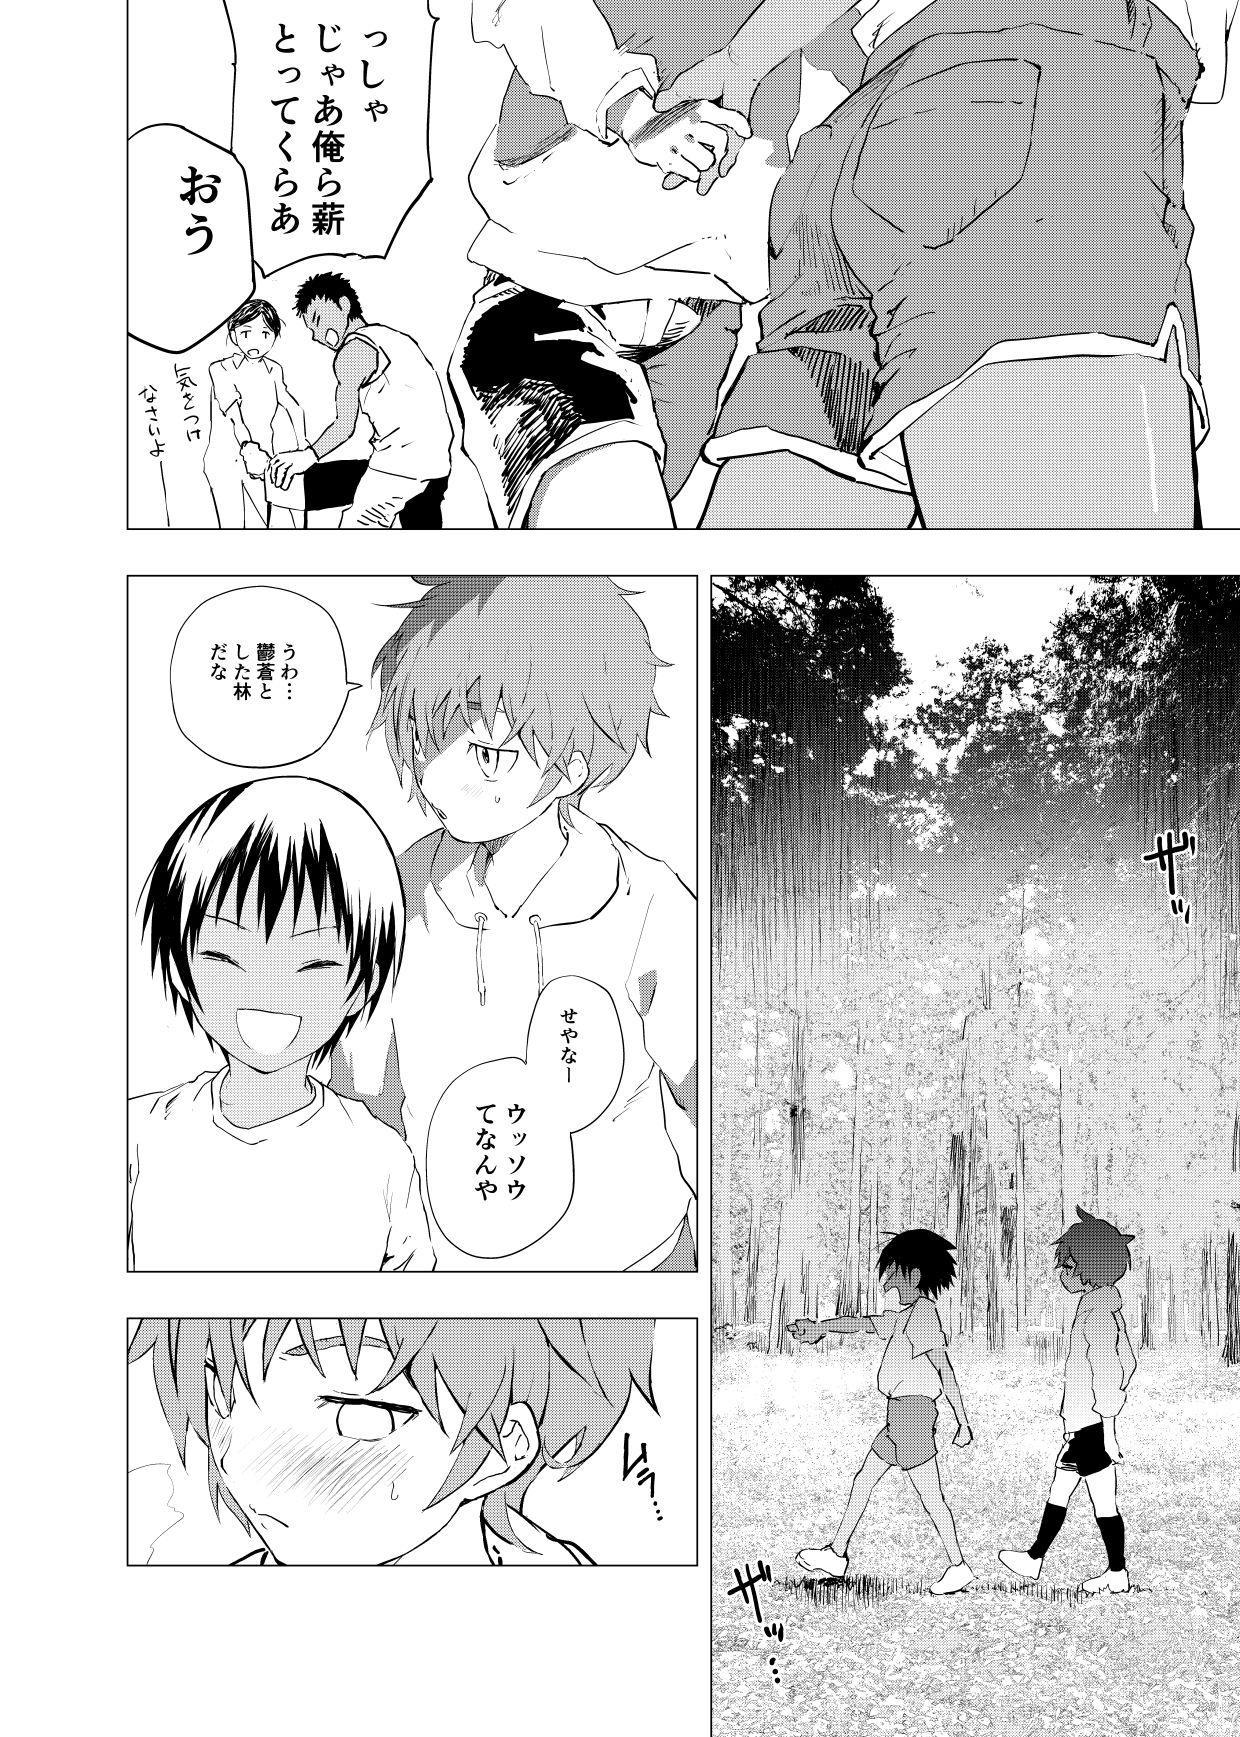 Inaka no Uke Shounen to Tokai no Seme Shounen no Ero Manga 1-6 68